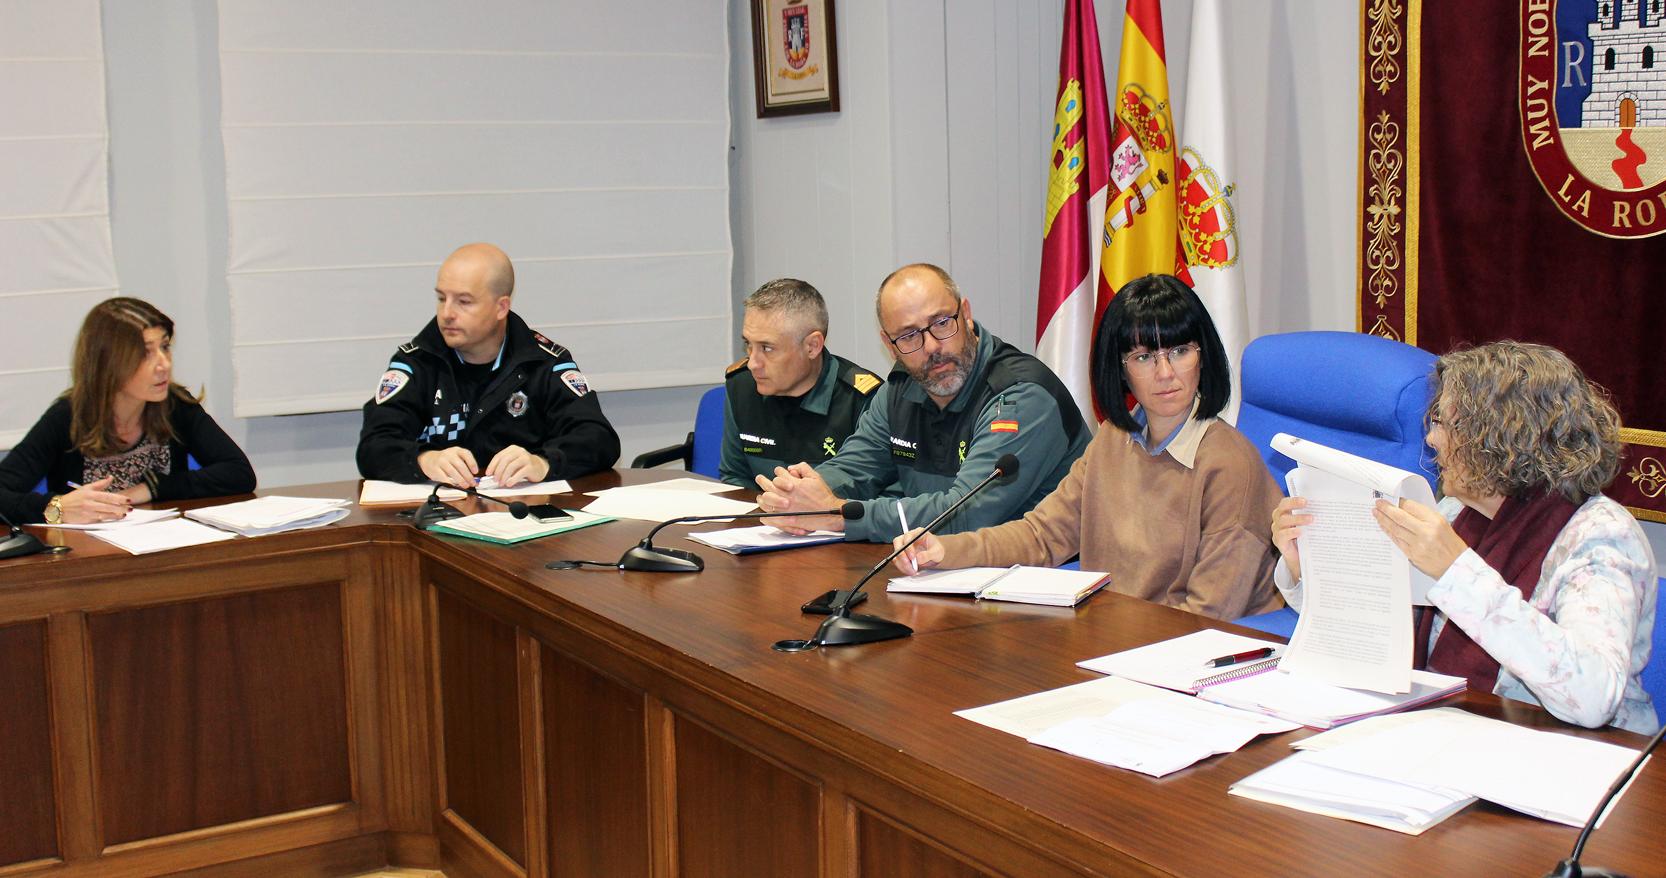 Reunión De La Mesa De Coordinación Policial De Violencia De Género De La Junta Local De Seguridad De La Roda